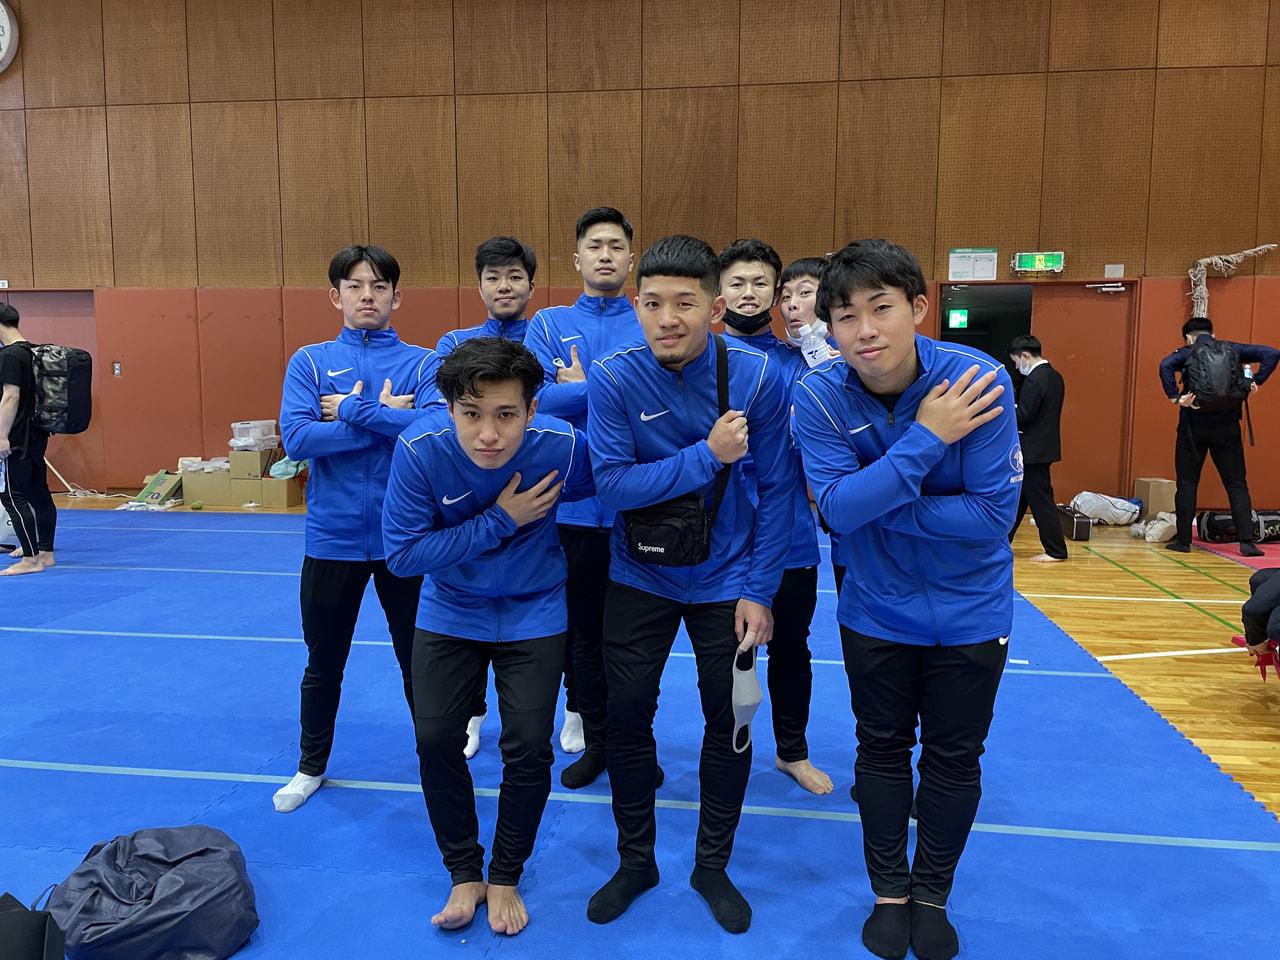 第49回関東学生空手道選手権大会